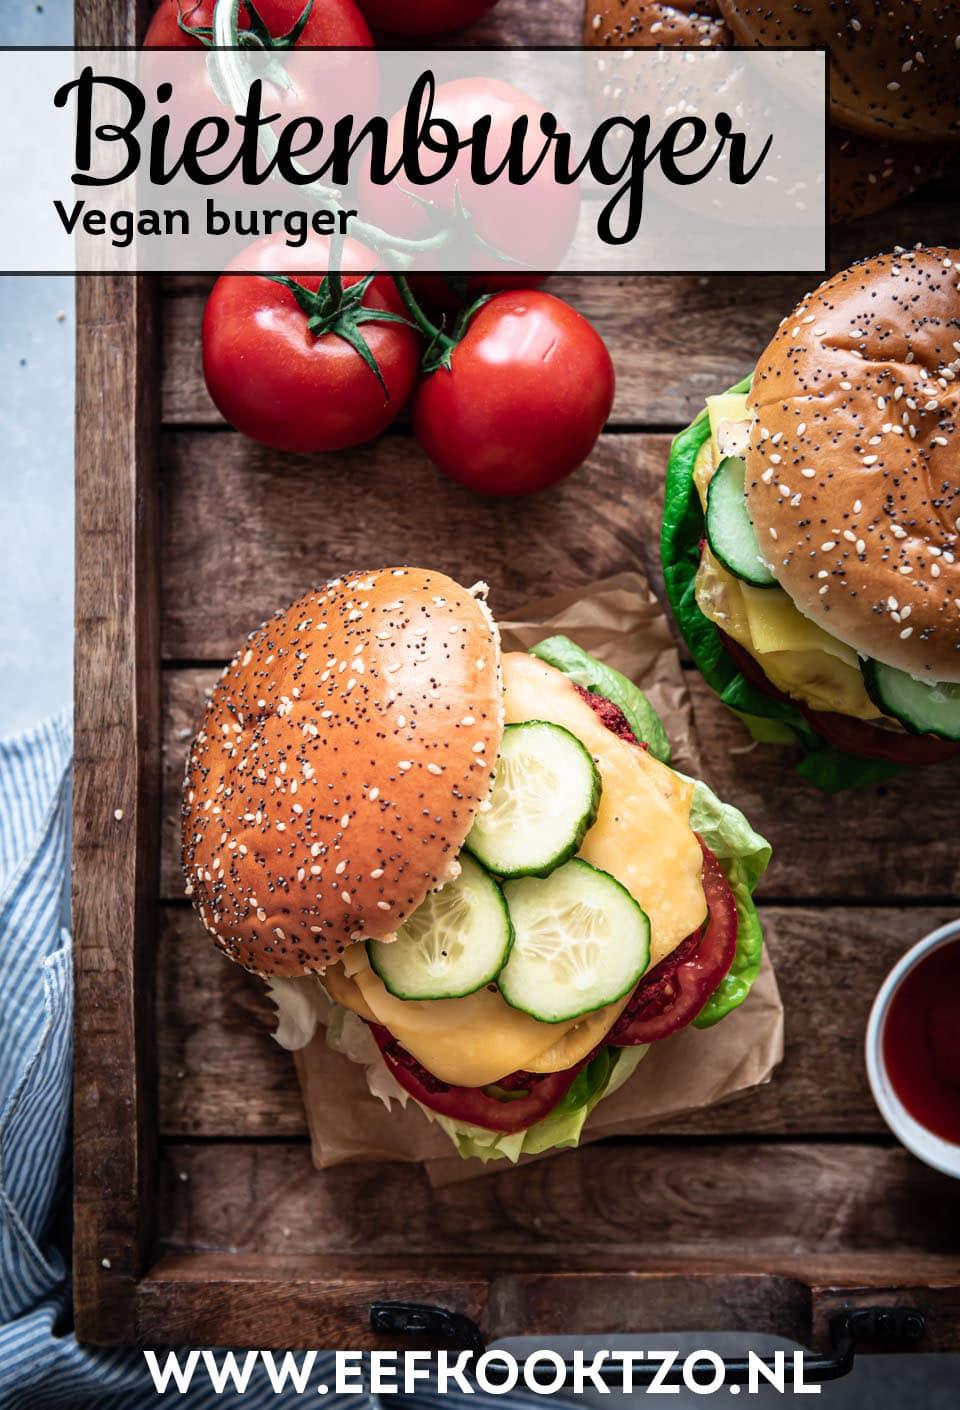 Bietenburger Pinterest Collage